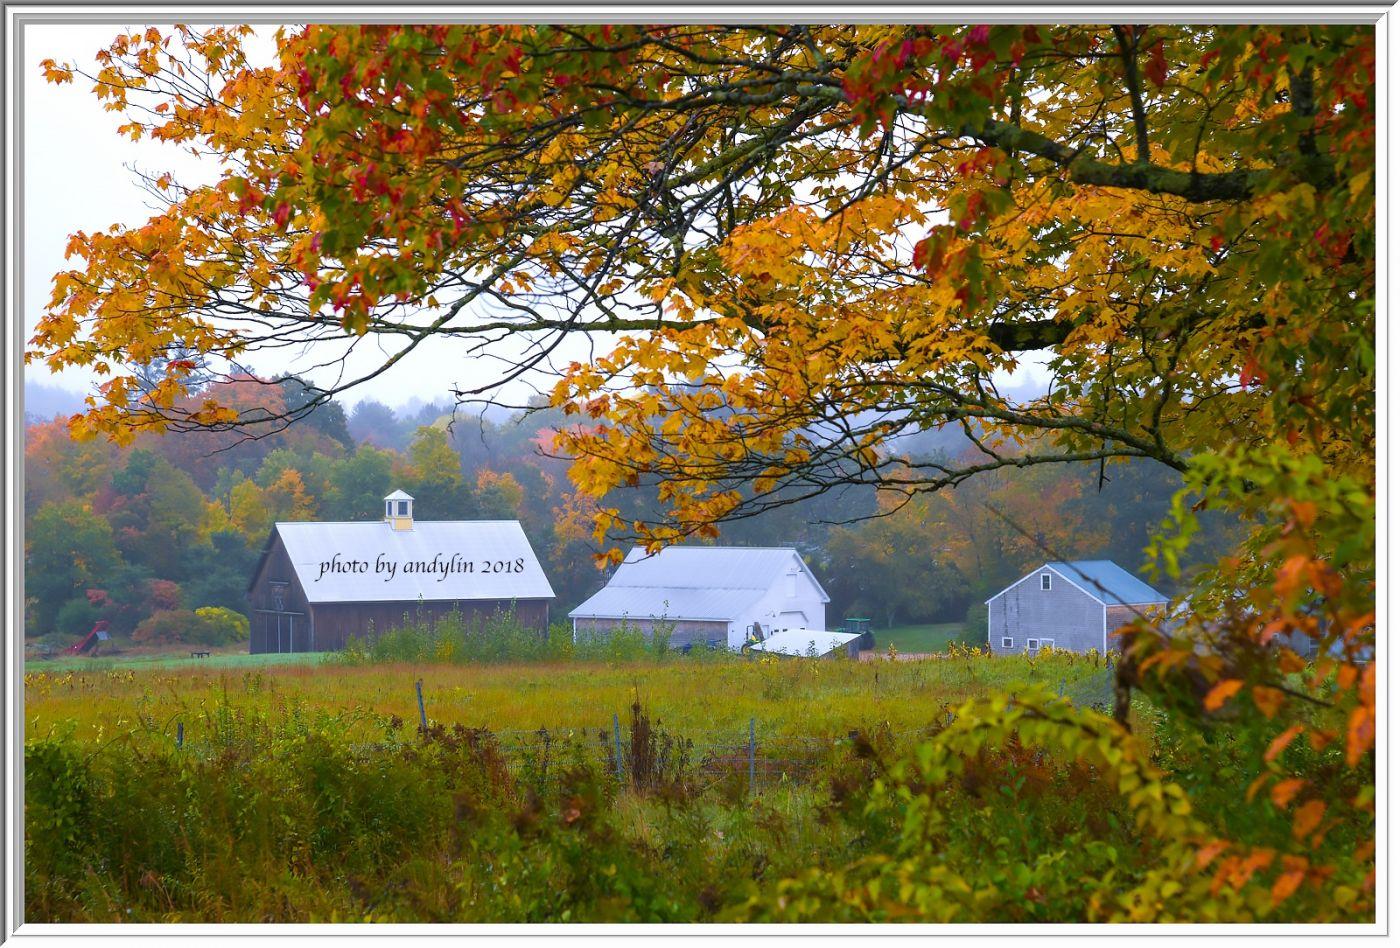 金秋的新英格兰风光,如同童话般的世界_图1-11